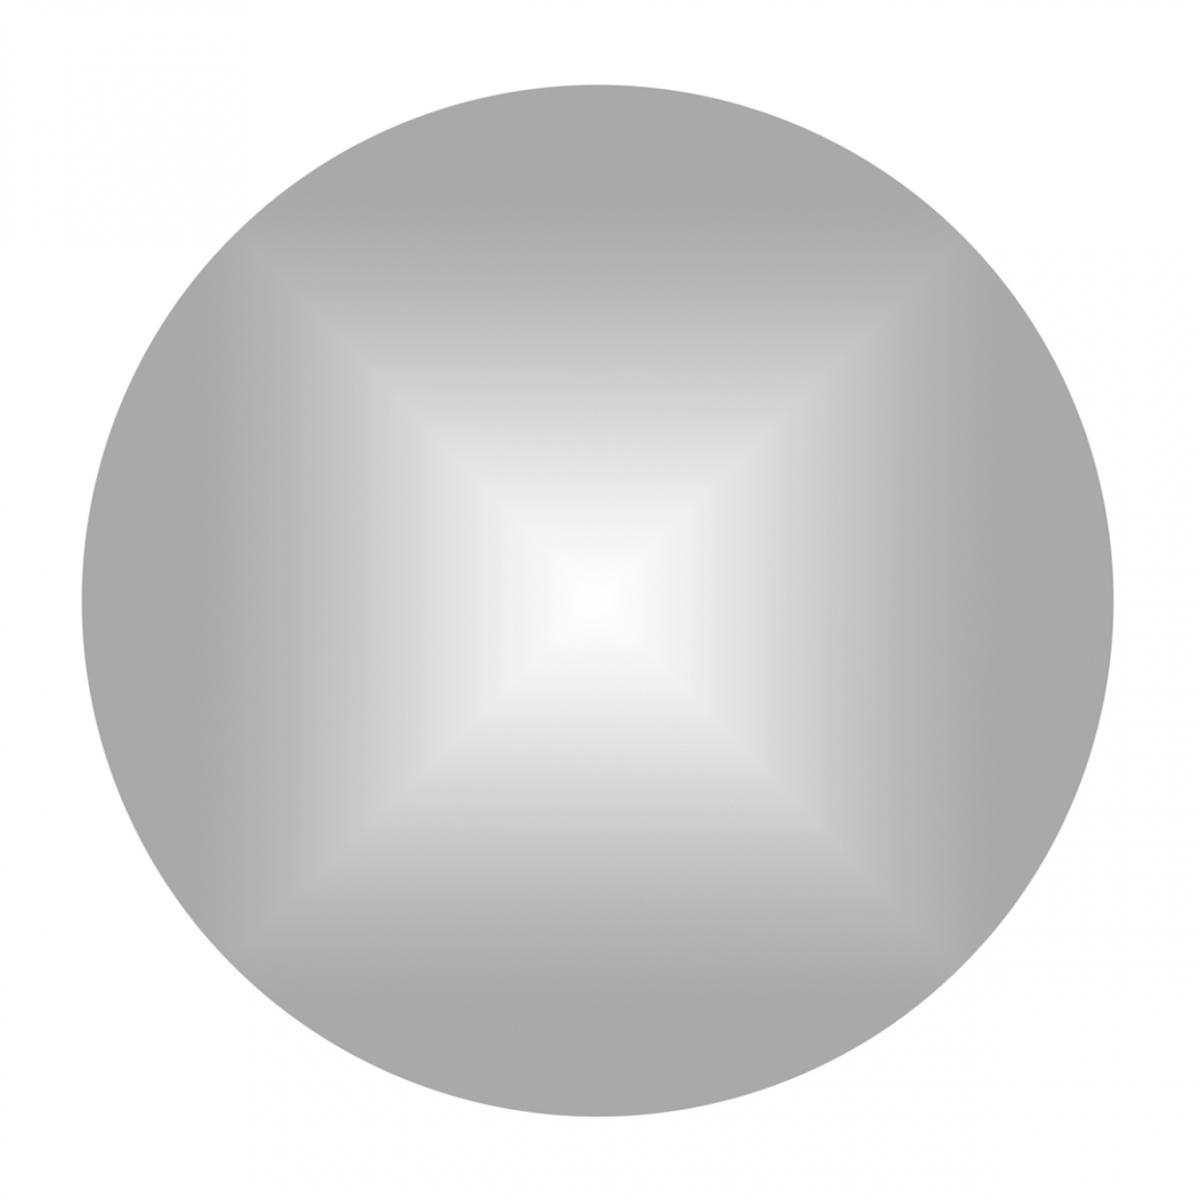 Imagen en la que se ve un círculo de color plateado